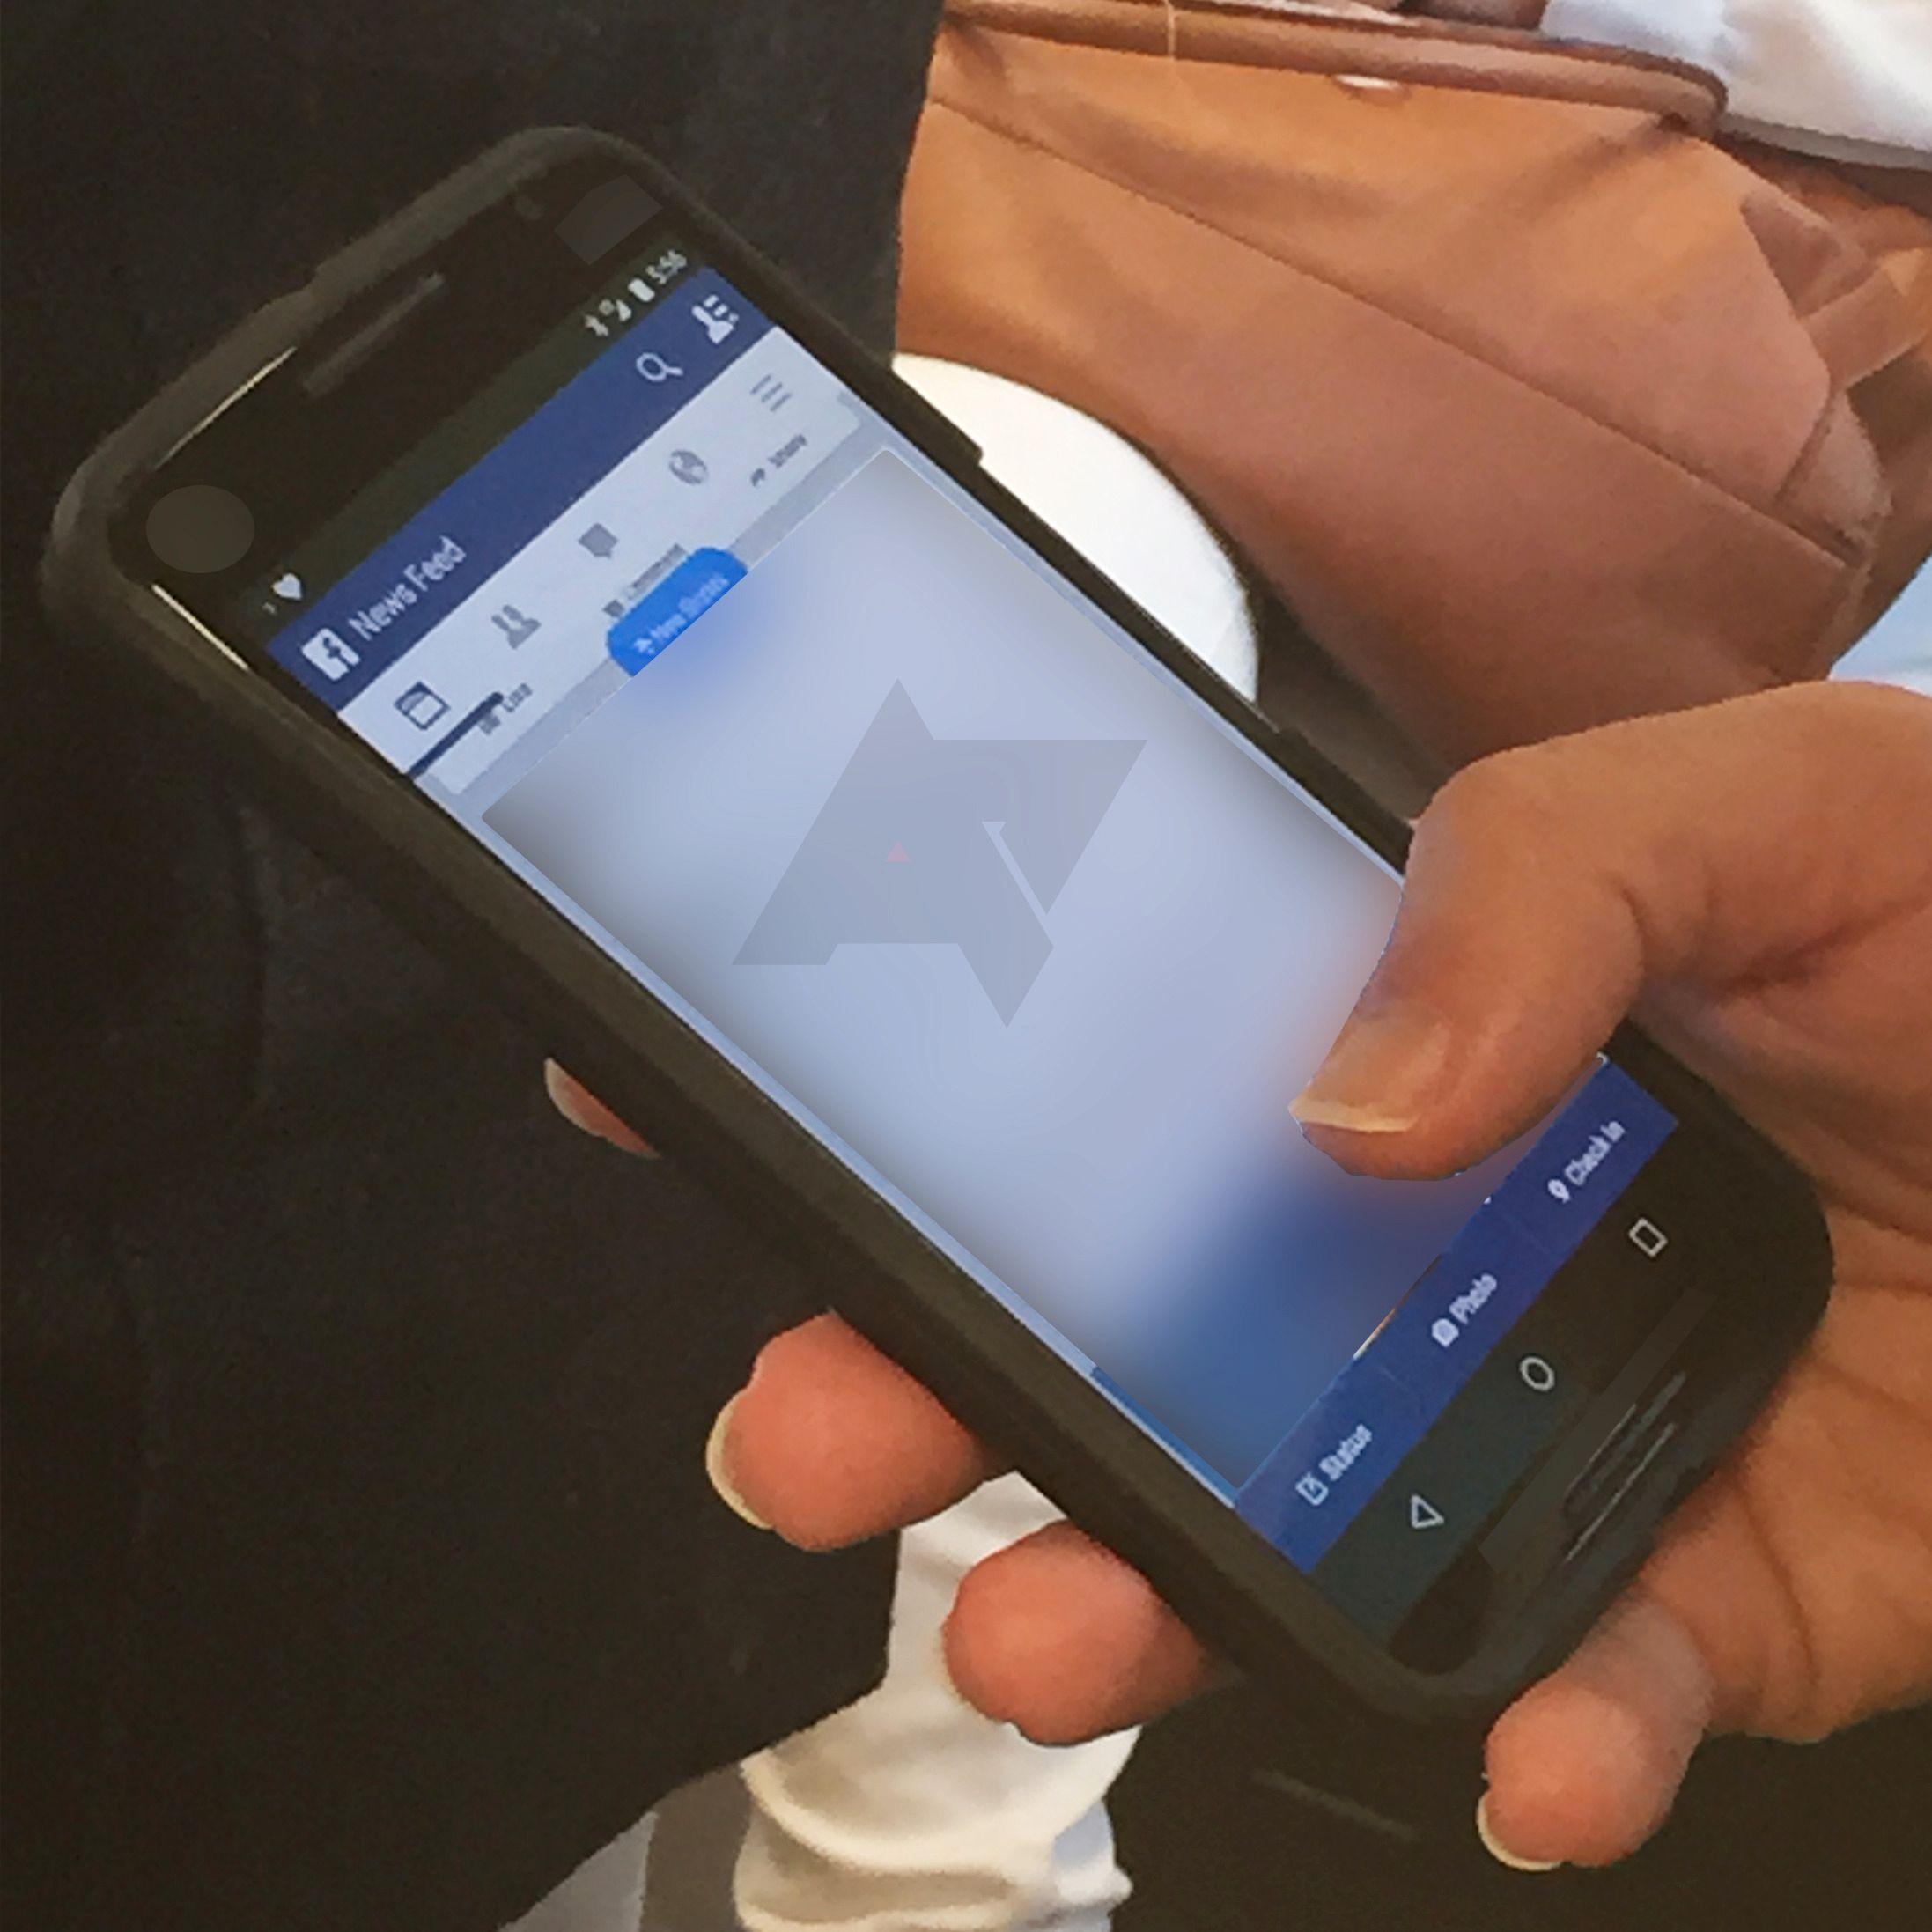 Nexus 6 skal ha stereohøyttalere, diger skjerm og kraftigste innmat, ifølge ryktene.Foto: Androidpolice.com